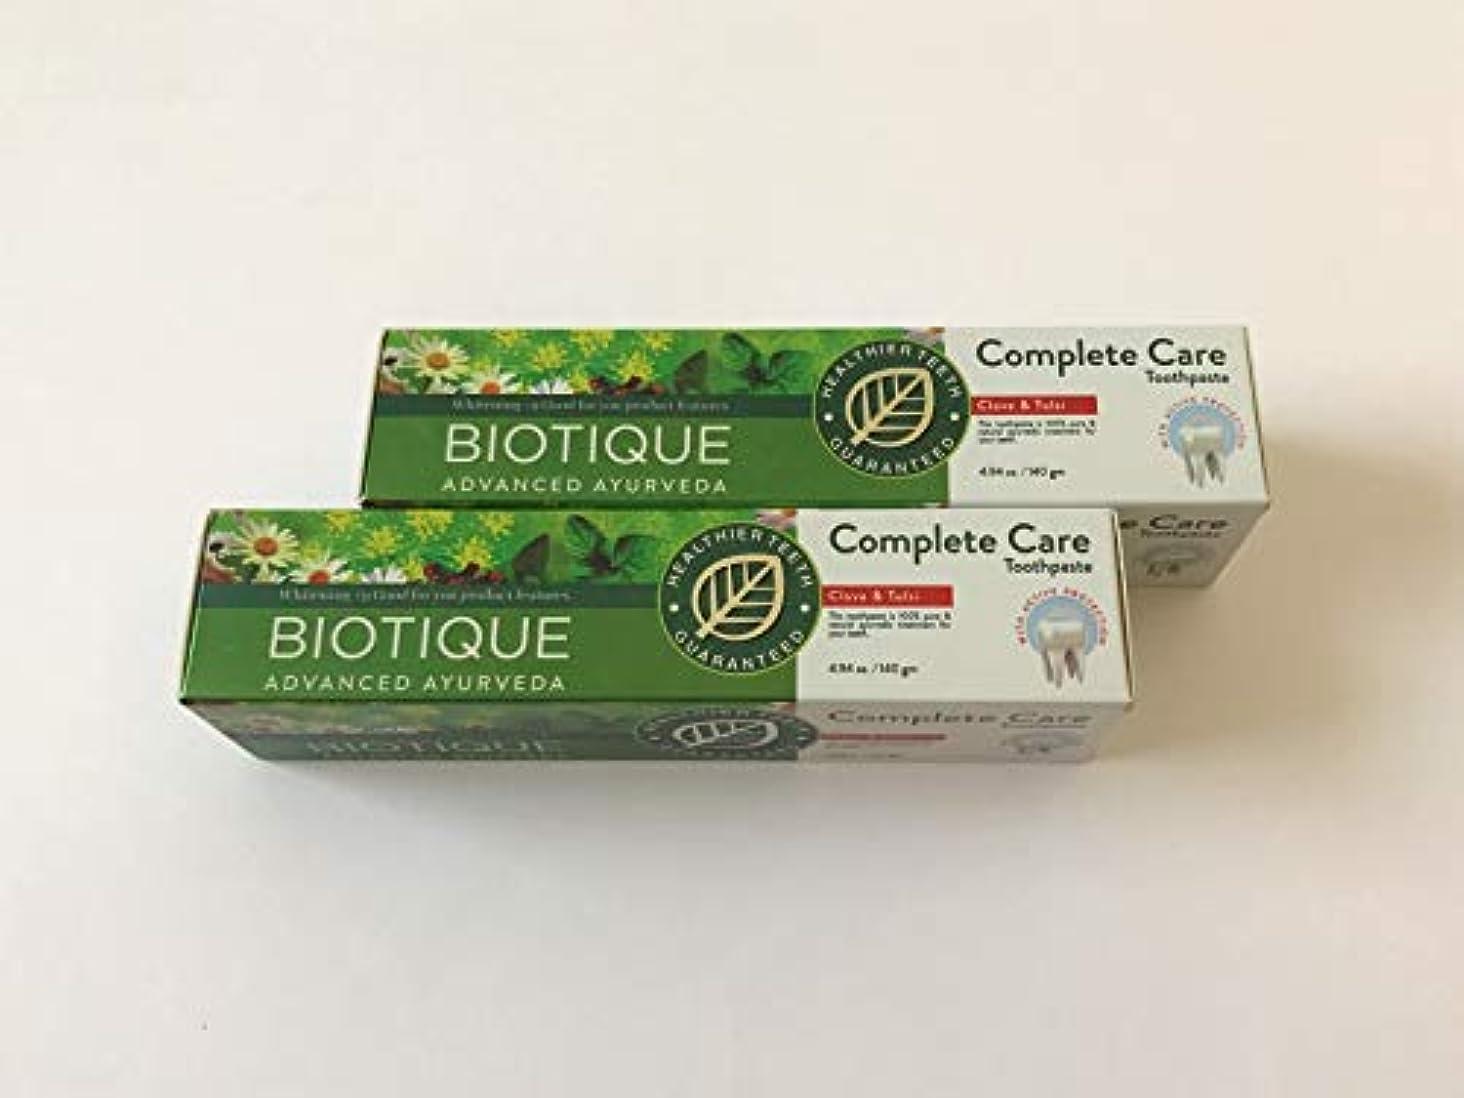 お香以上肝バイオティーク アーユルヴェーダ コンプリートケア 歯磨き粉 140g 2本セット(箱あり)